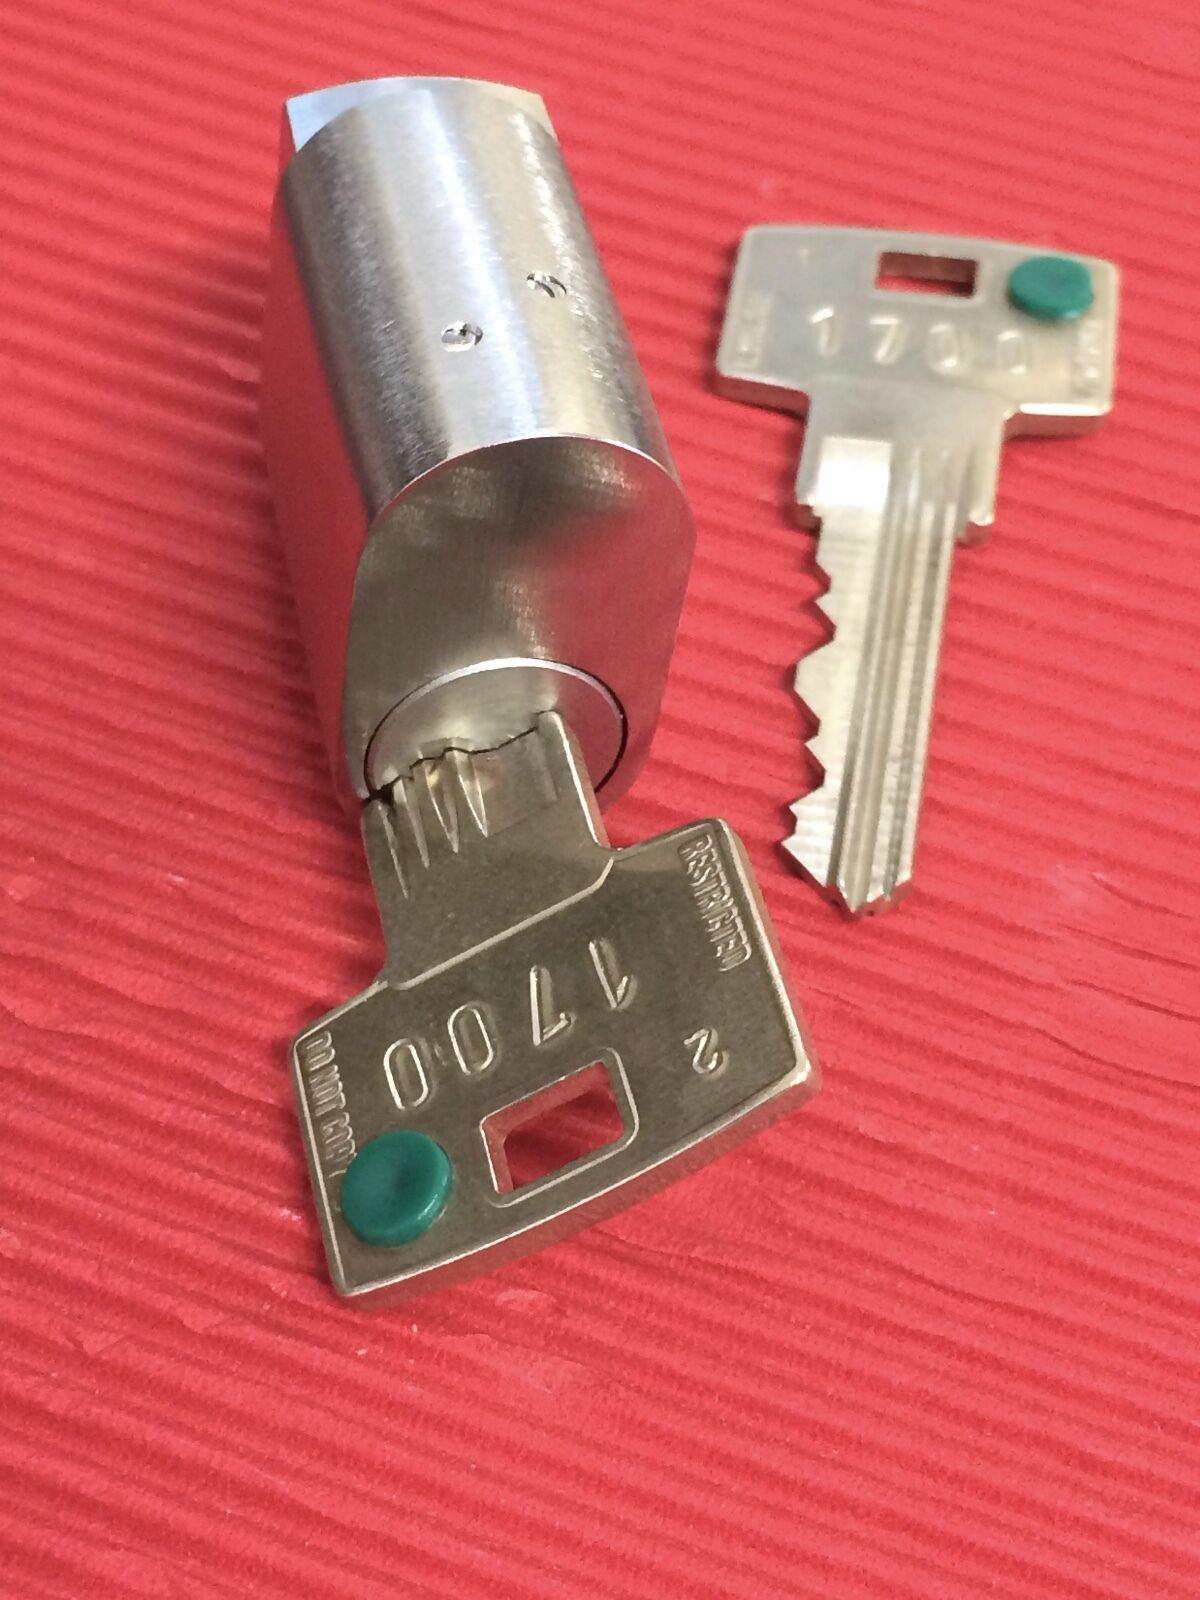 ABUS Cilindro De La Cerradura-equipado con sistema de codificación en línea seguro 6 & Llaves restringido